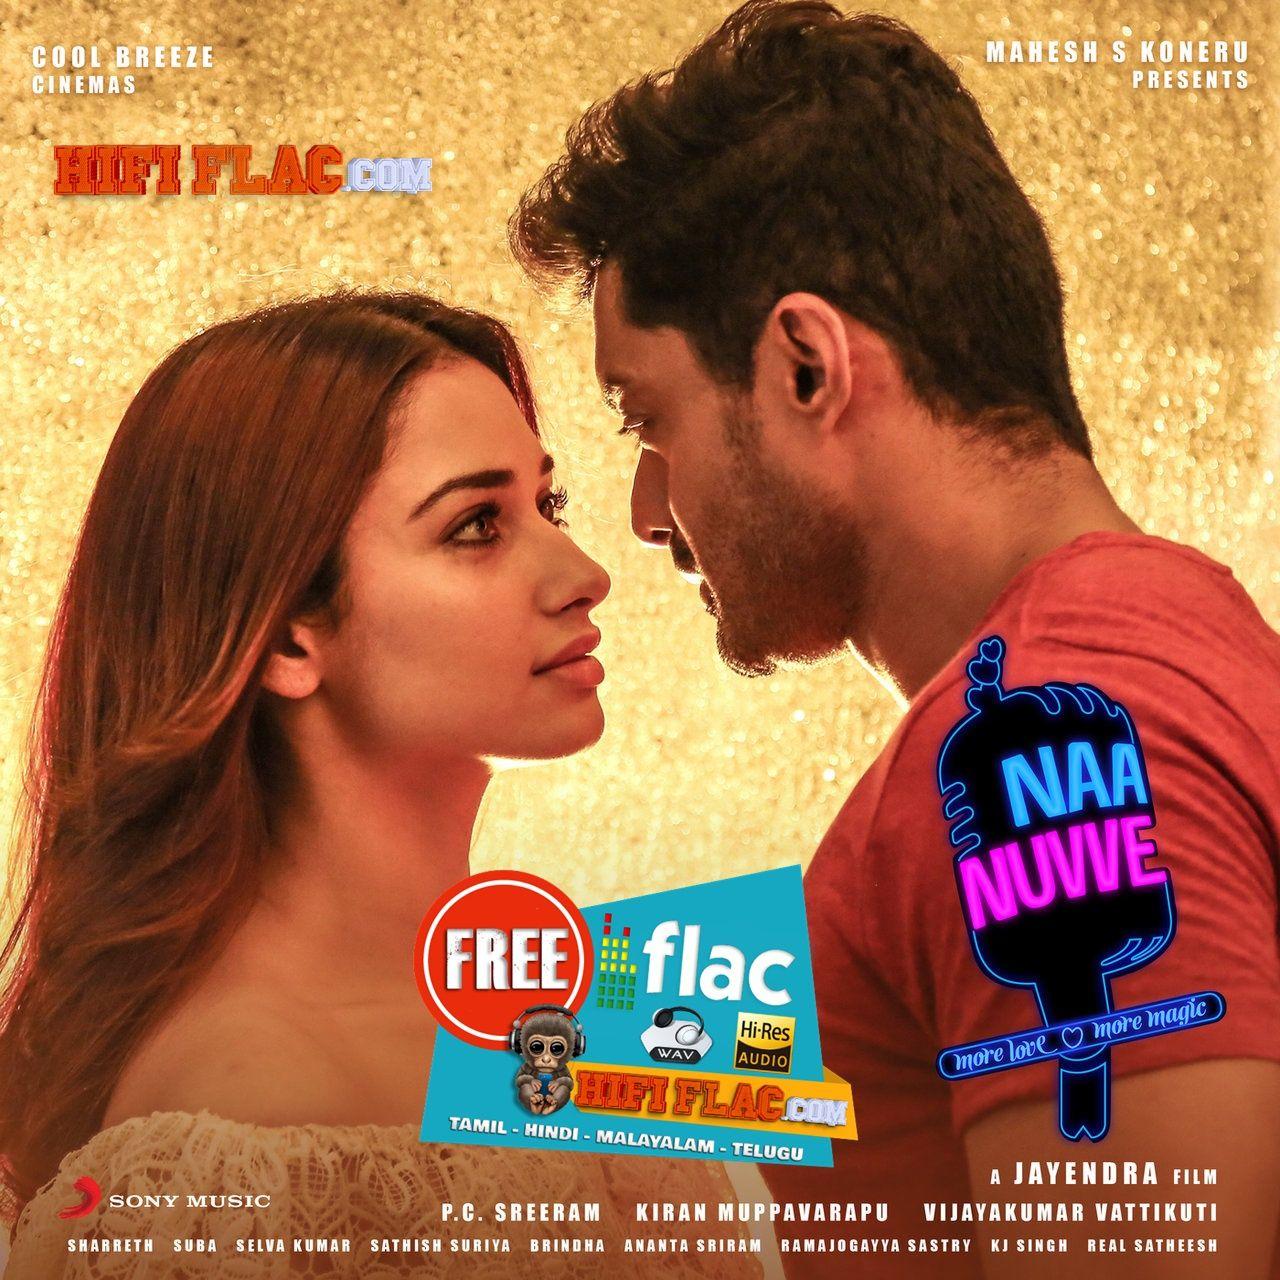 Naa Nuvve 2018 Telugu Digitalrip Flac Telugu Telugu Movies Sony Music